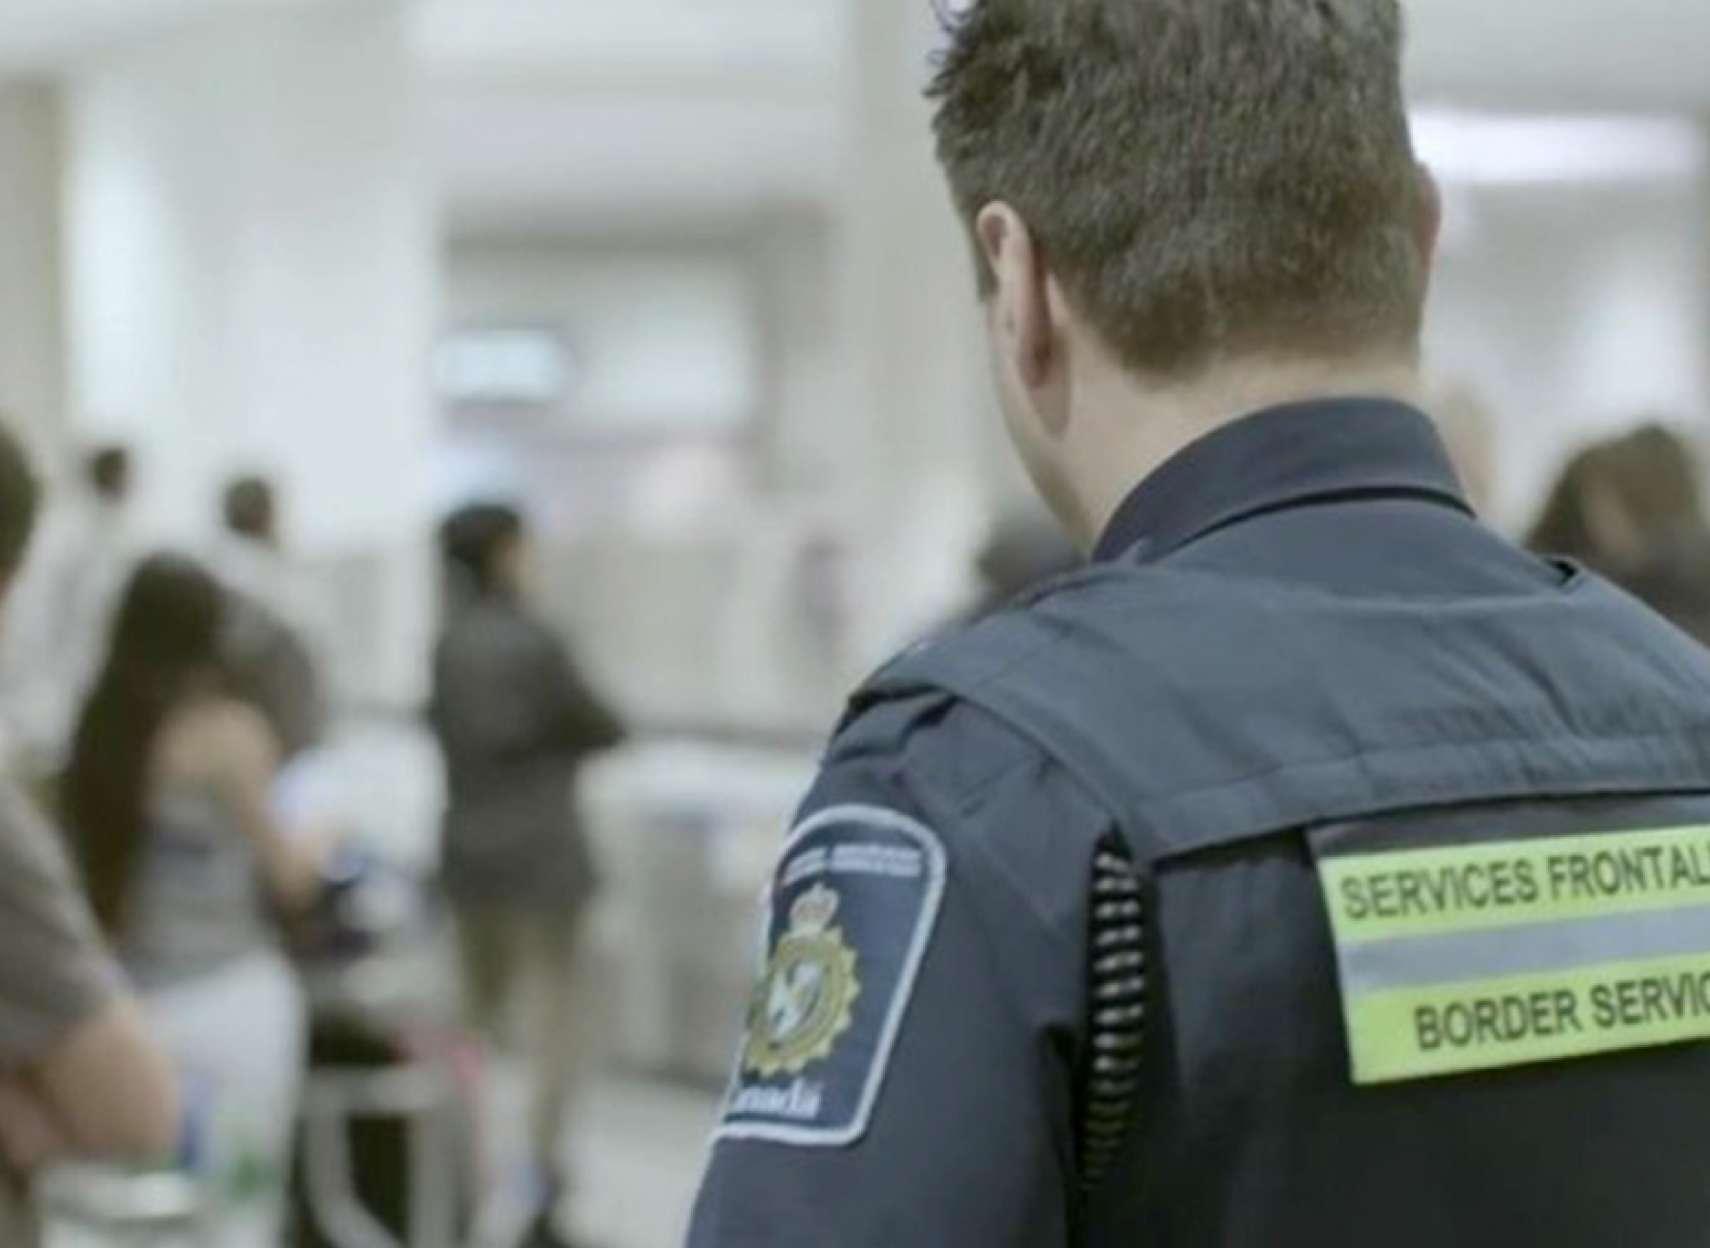 گزارش-برخورد-بد-مرزبانان-کانادایی-با-مسافران-کانادا-اخبار